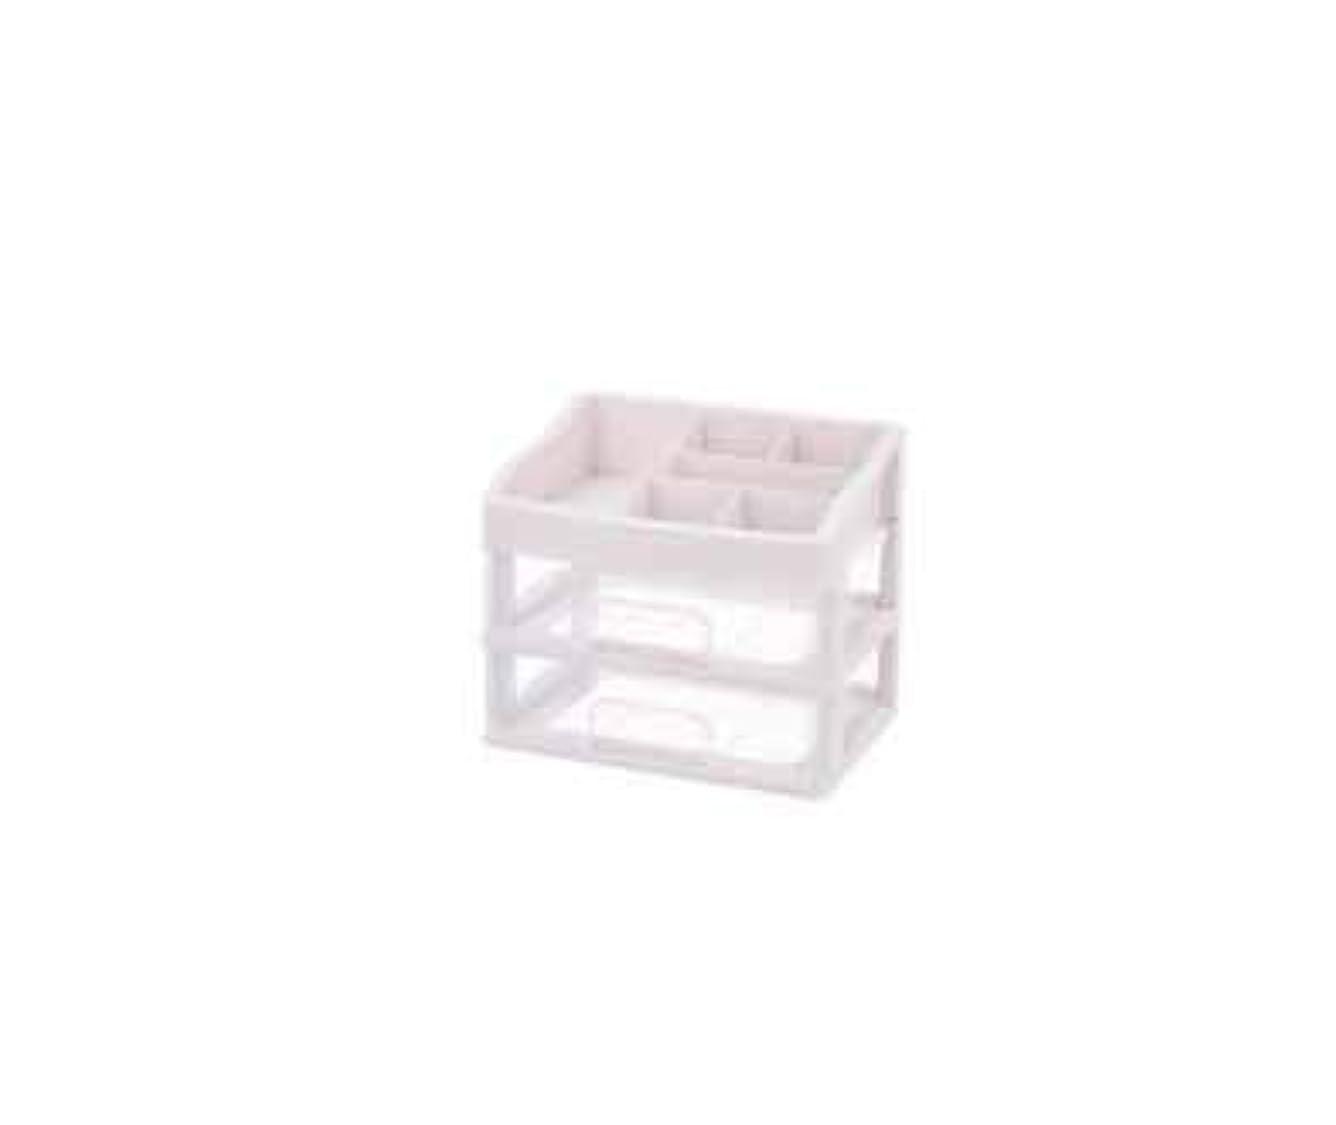 堀囲いひそかに化粧品収納ボックス透明引き出しタイプデスクトップ収納ラック化粧台化粧品ケーススキンケア用品 (Size : M)